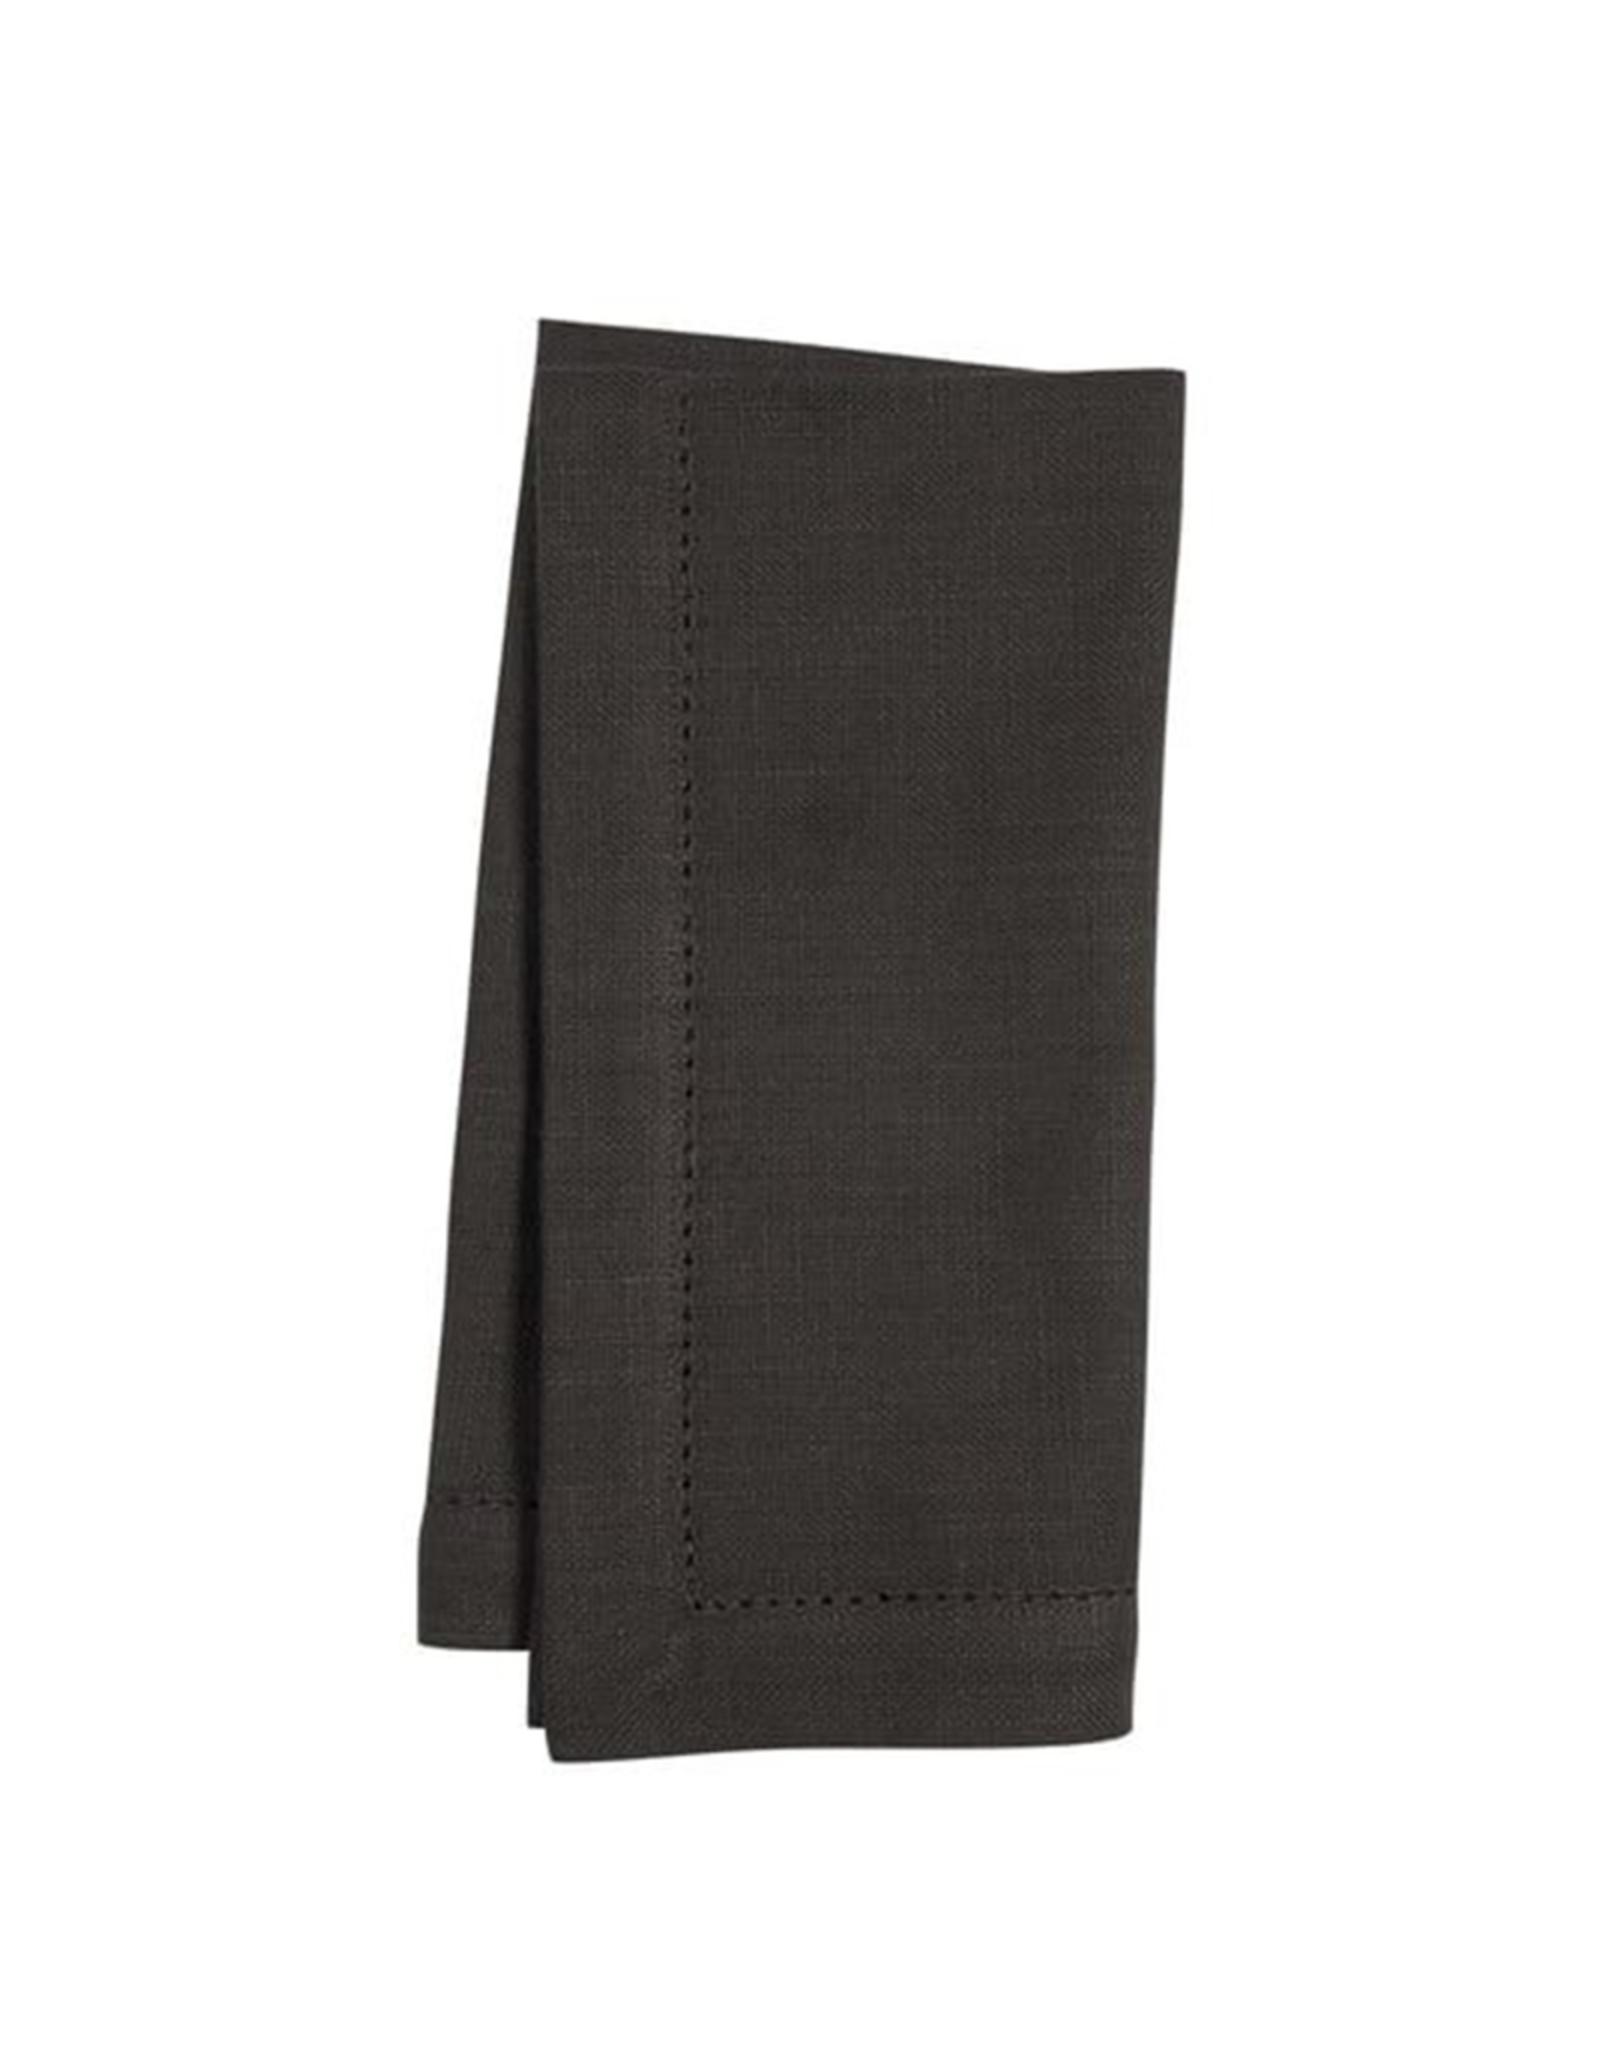 KAF Group Hemstitch Napkin in Black